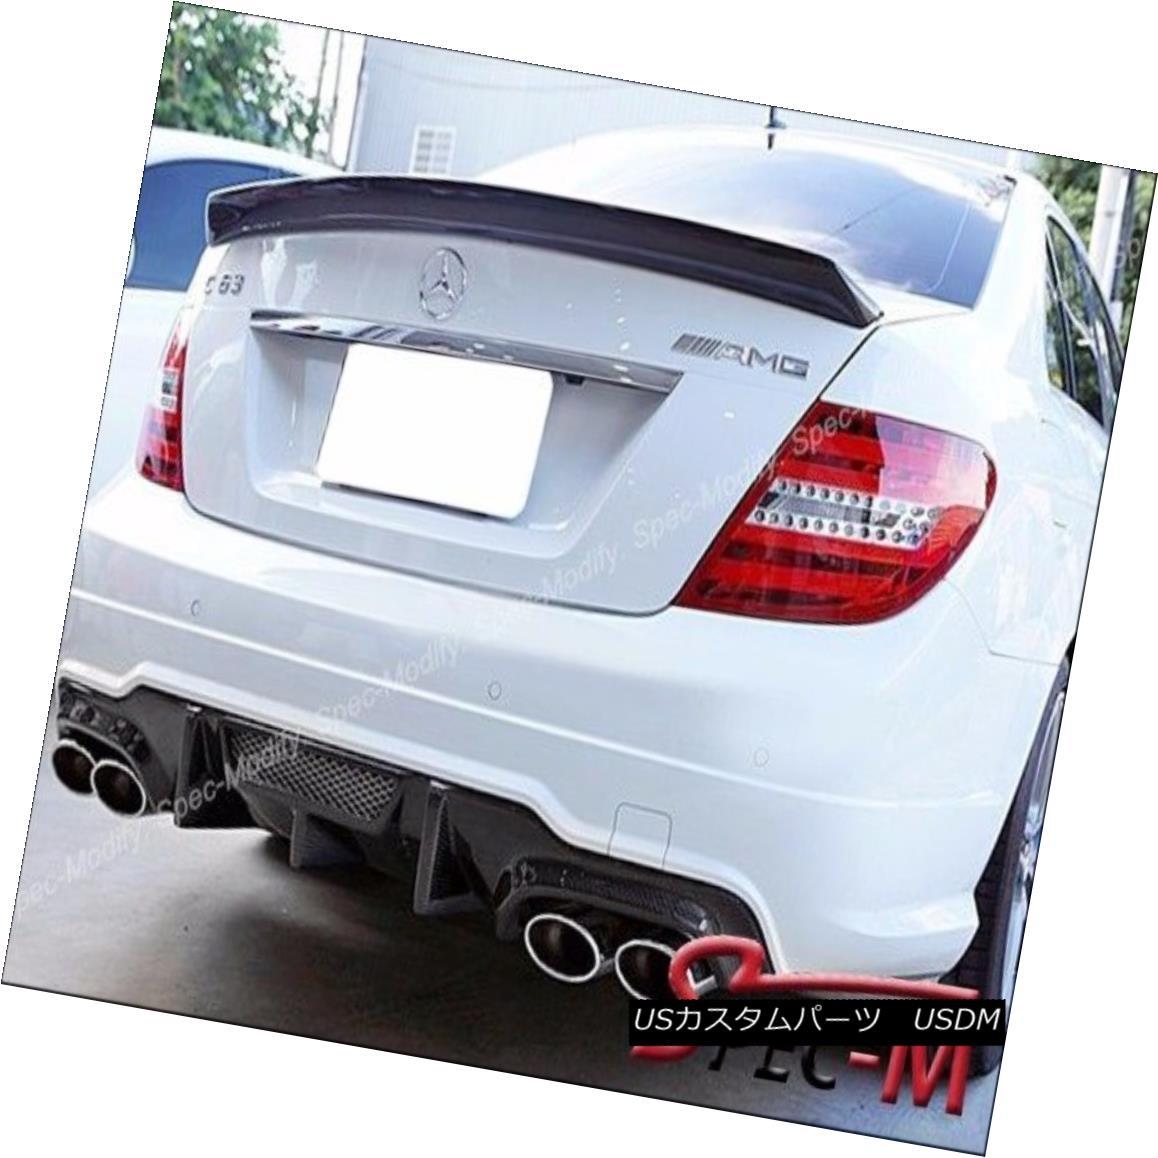 エアロパーツ Carbon Fiber Rear Bumper Diffuser V Type For 2012+ C63AMG W204 C204 Facelift カーボンファイバーリアバンパーディフューザー2012年型用C63AMG W204 C204フェイスリフト